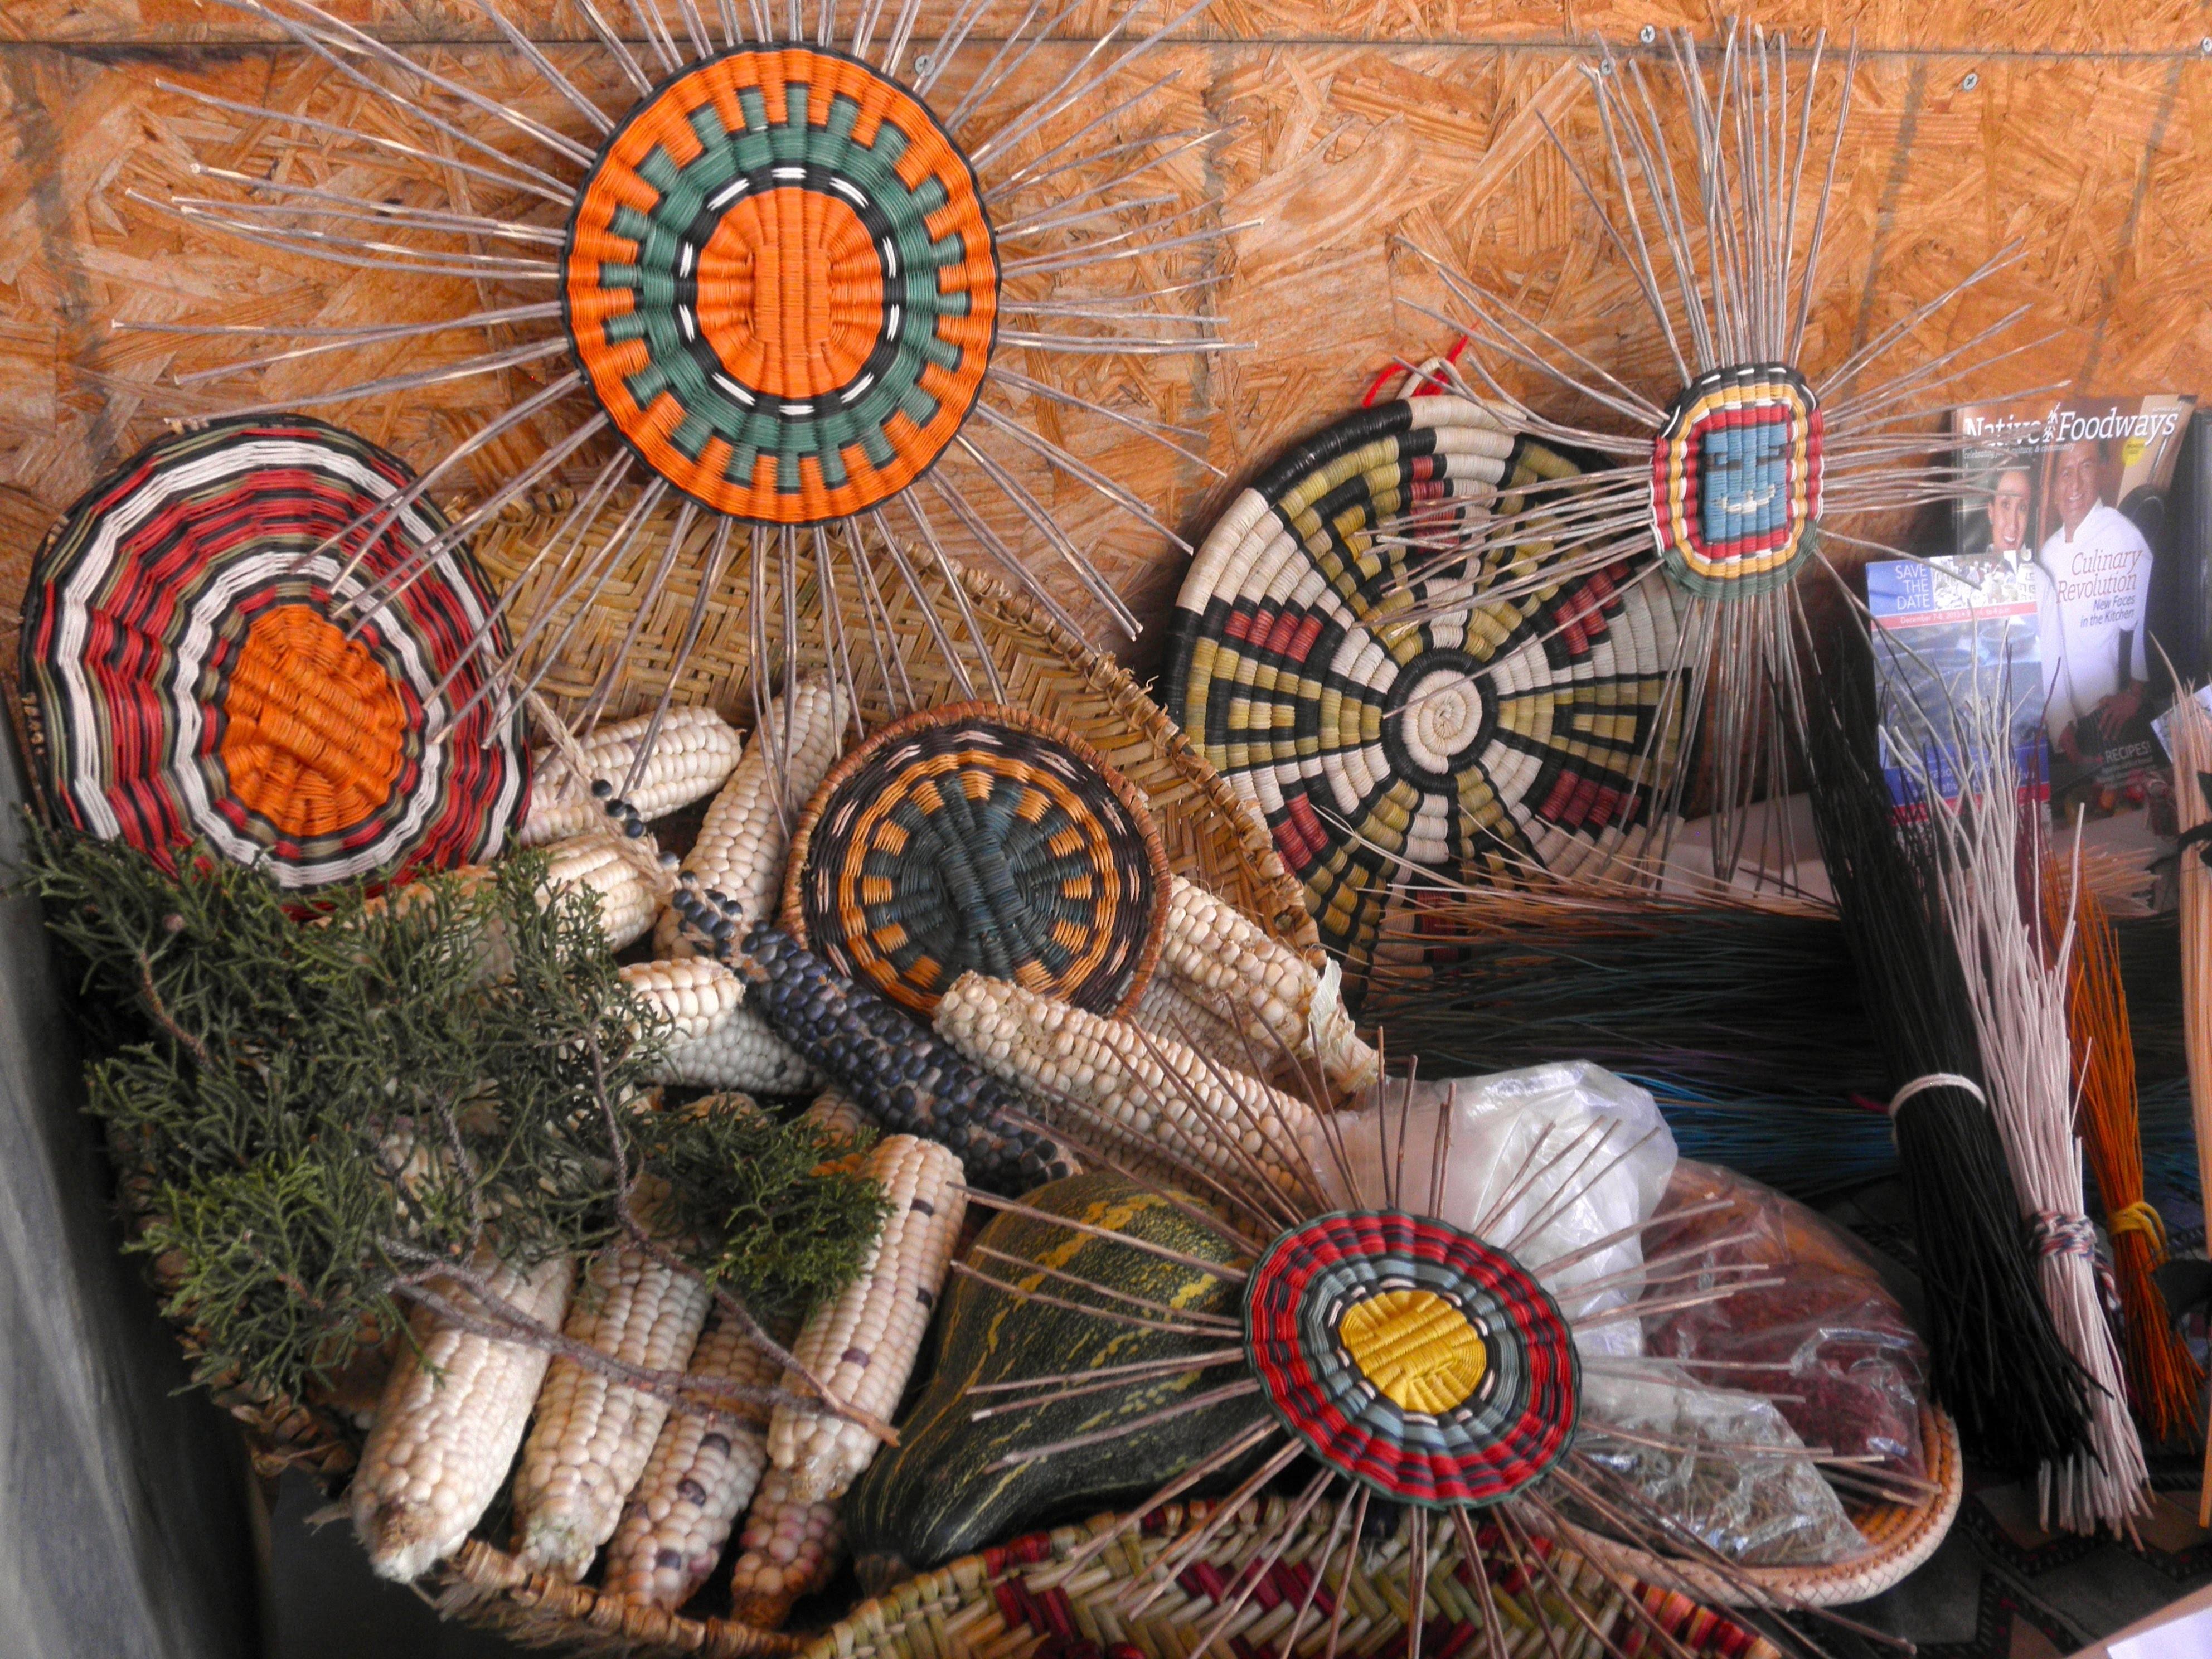 Hopi fine crafts